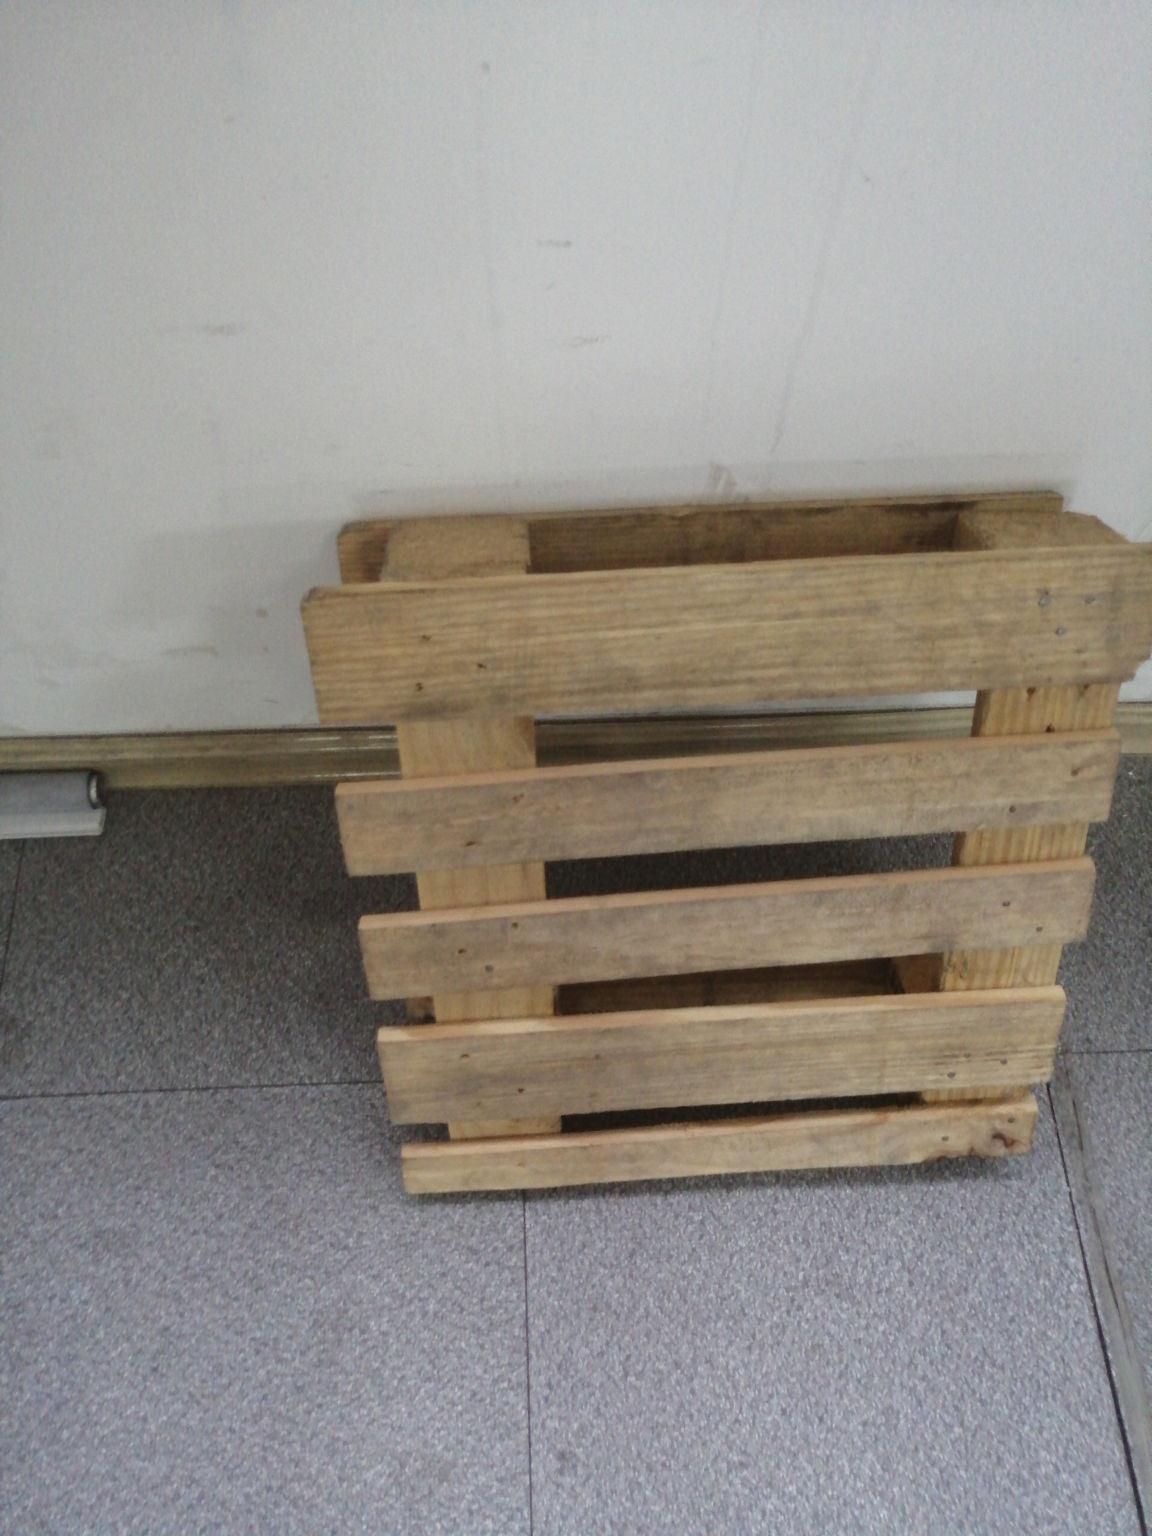 杭州专门全木托盘质量是很不错的